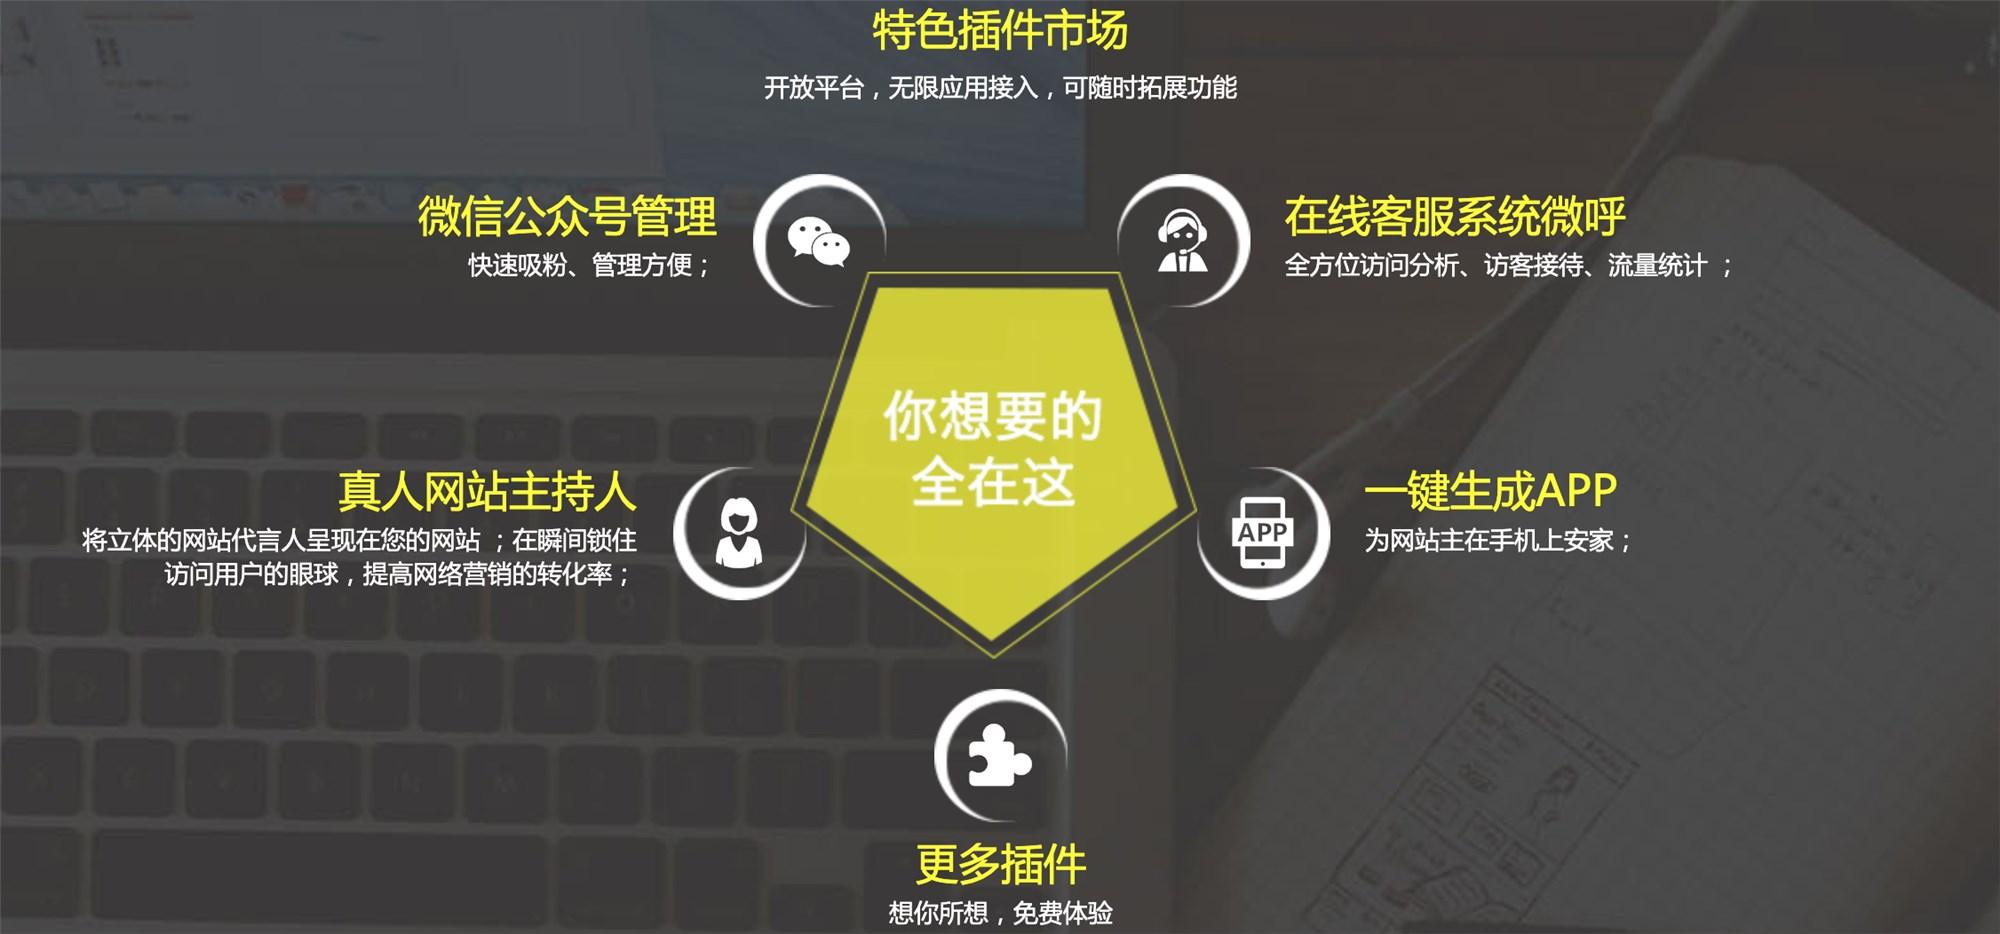 广州网站建设平台-医疗网站建设平台-成都网站建设平台